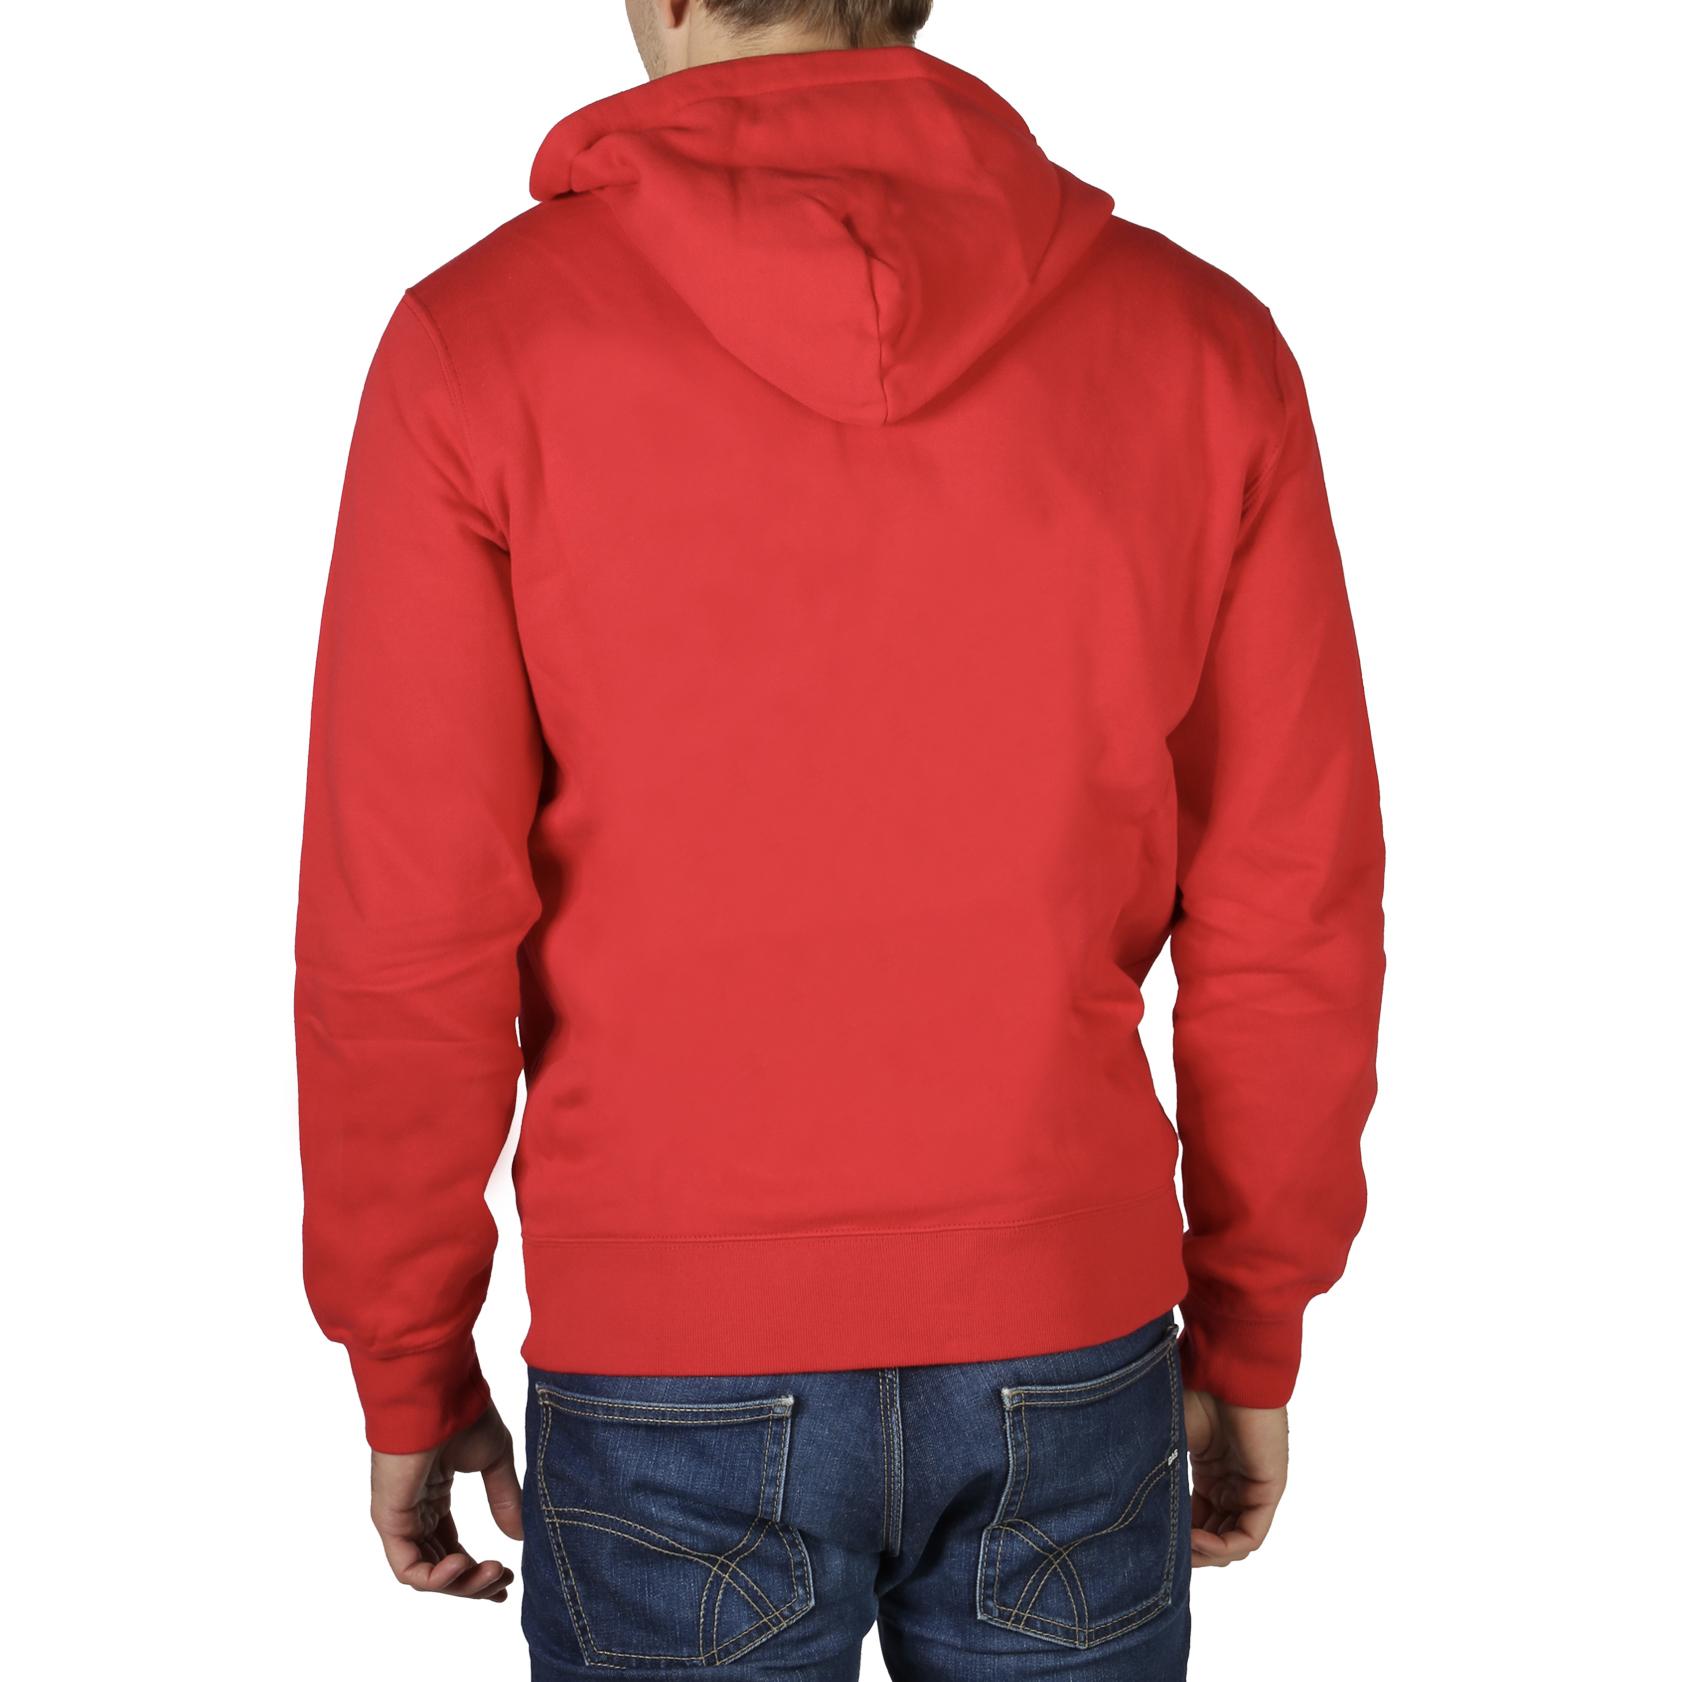 Vestes zippées  Champion 213410_RS053_HTR red